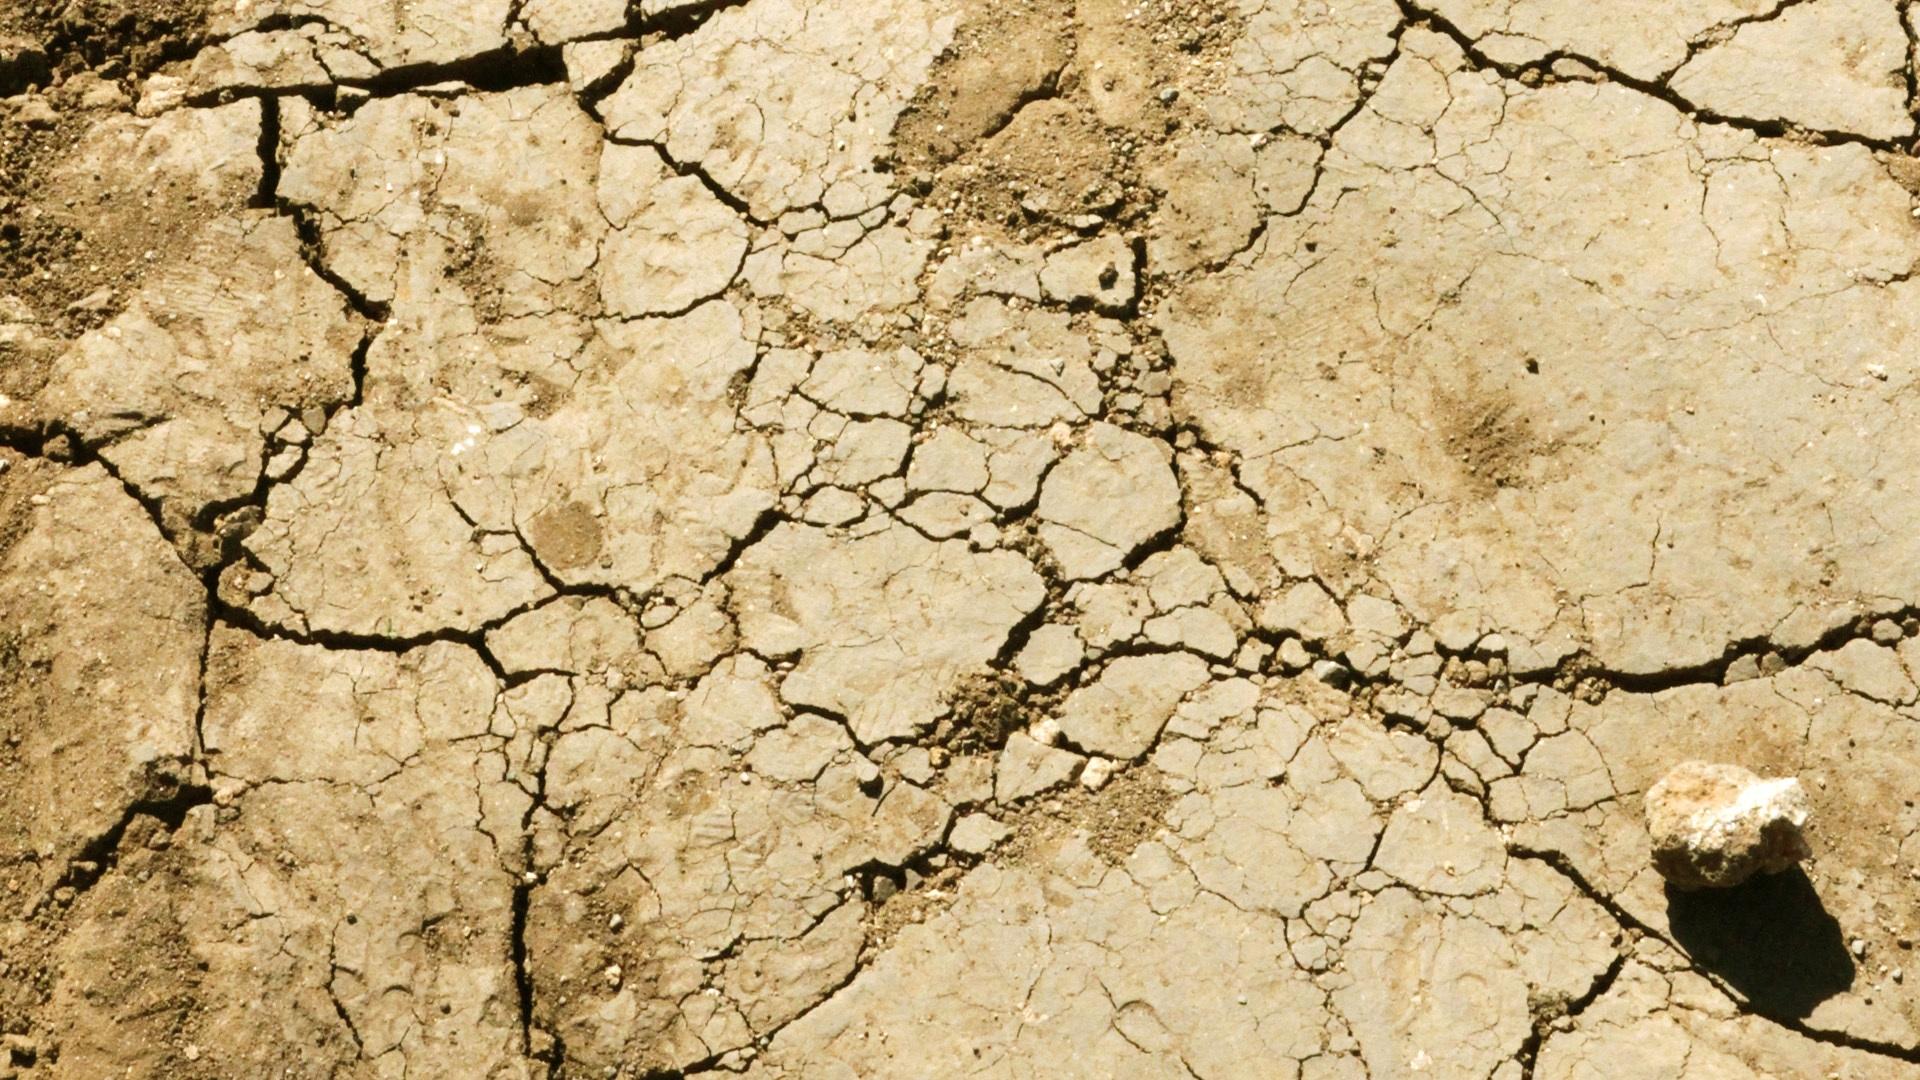 free images desert dry soil crack earth disaster